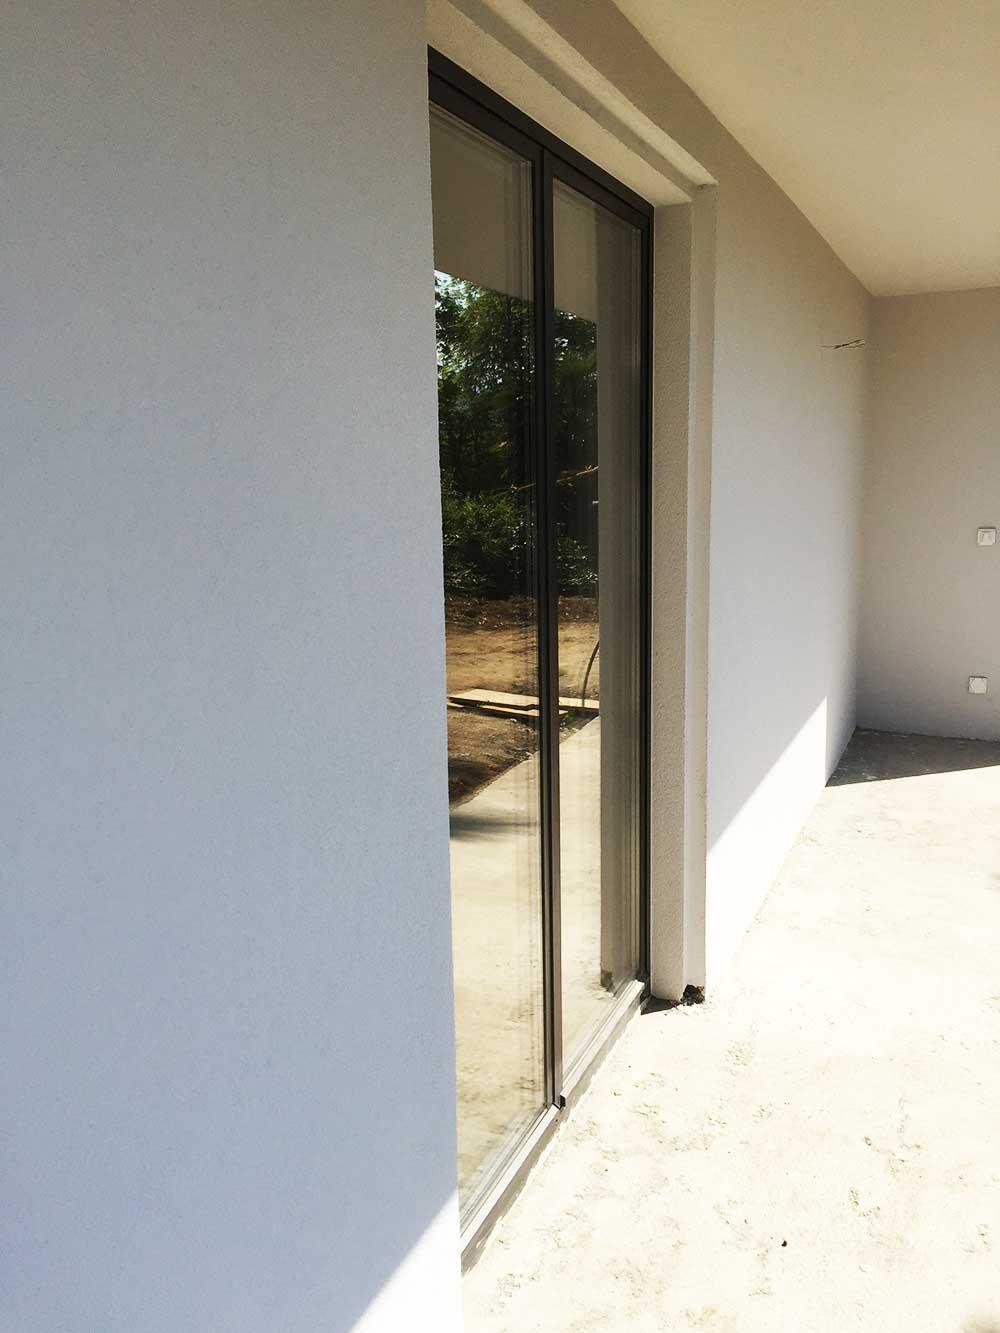 Lavori 2 serramenti finestre minimal for Finestre di artigiano